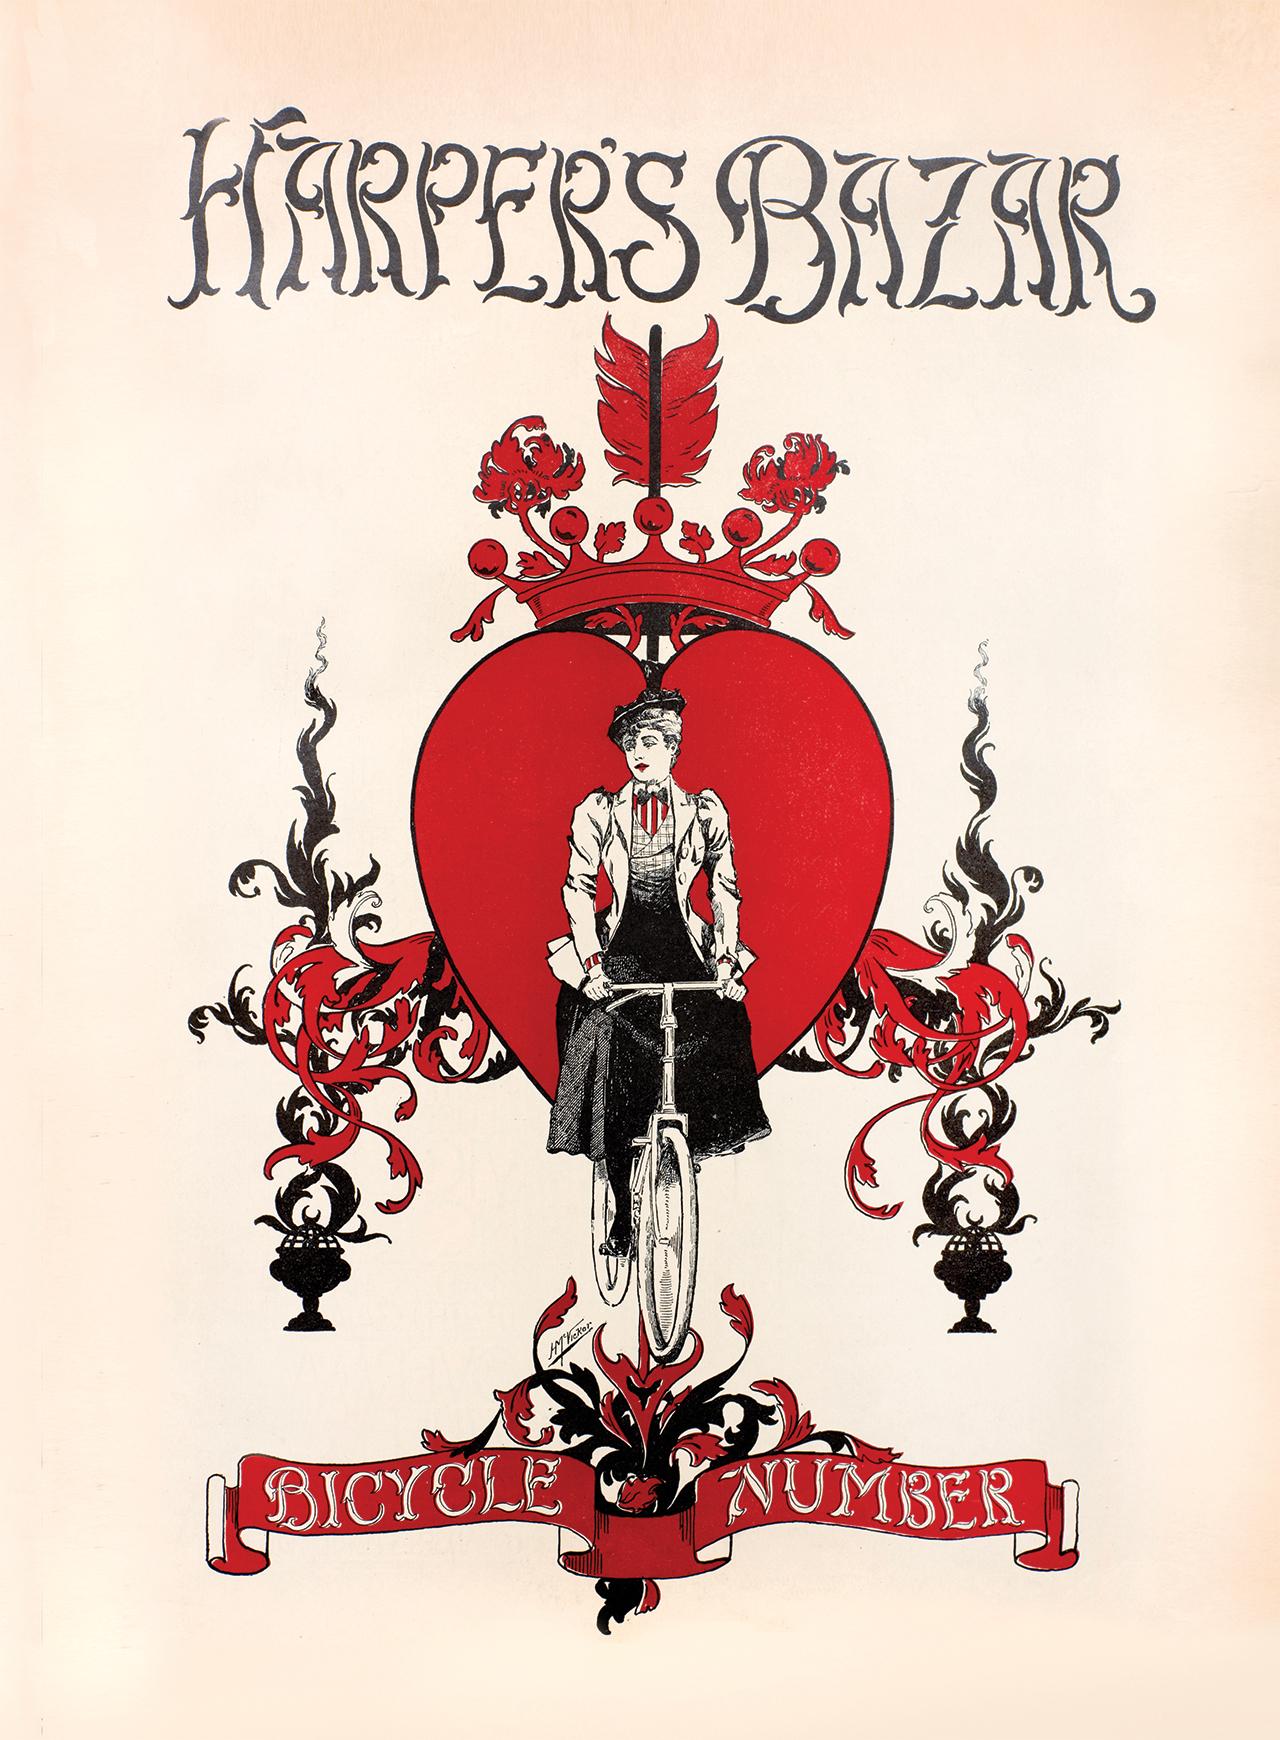 마거릿 생스터가 에디터이던 시절(1889~1899)에 만든 아르누보 스타일의 <바자> 커버